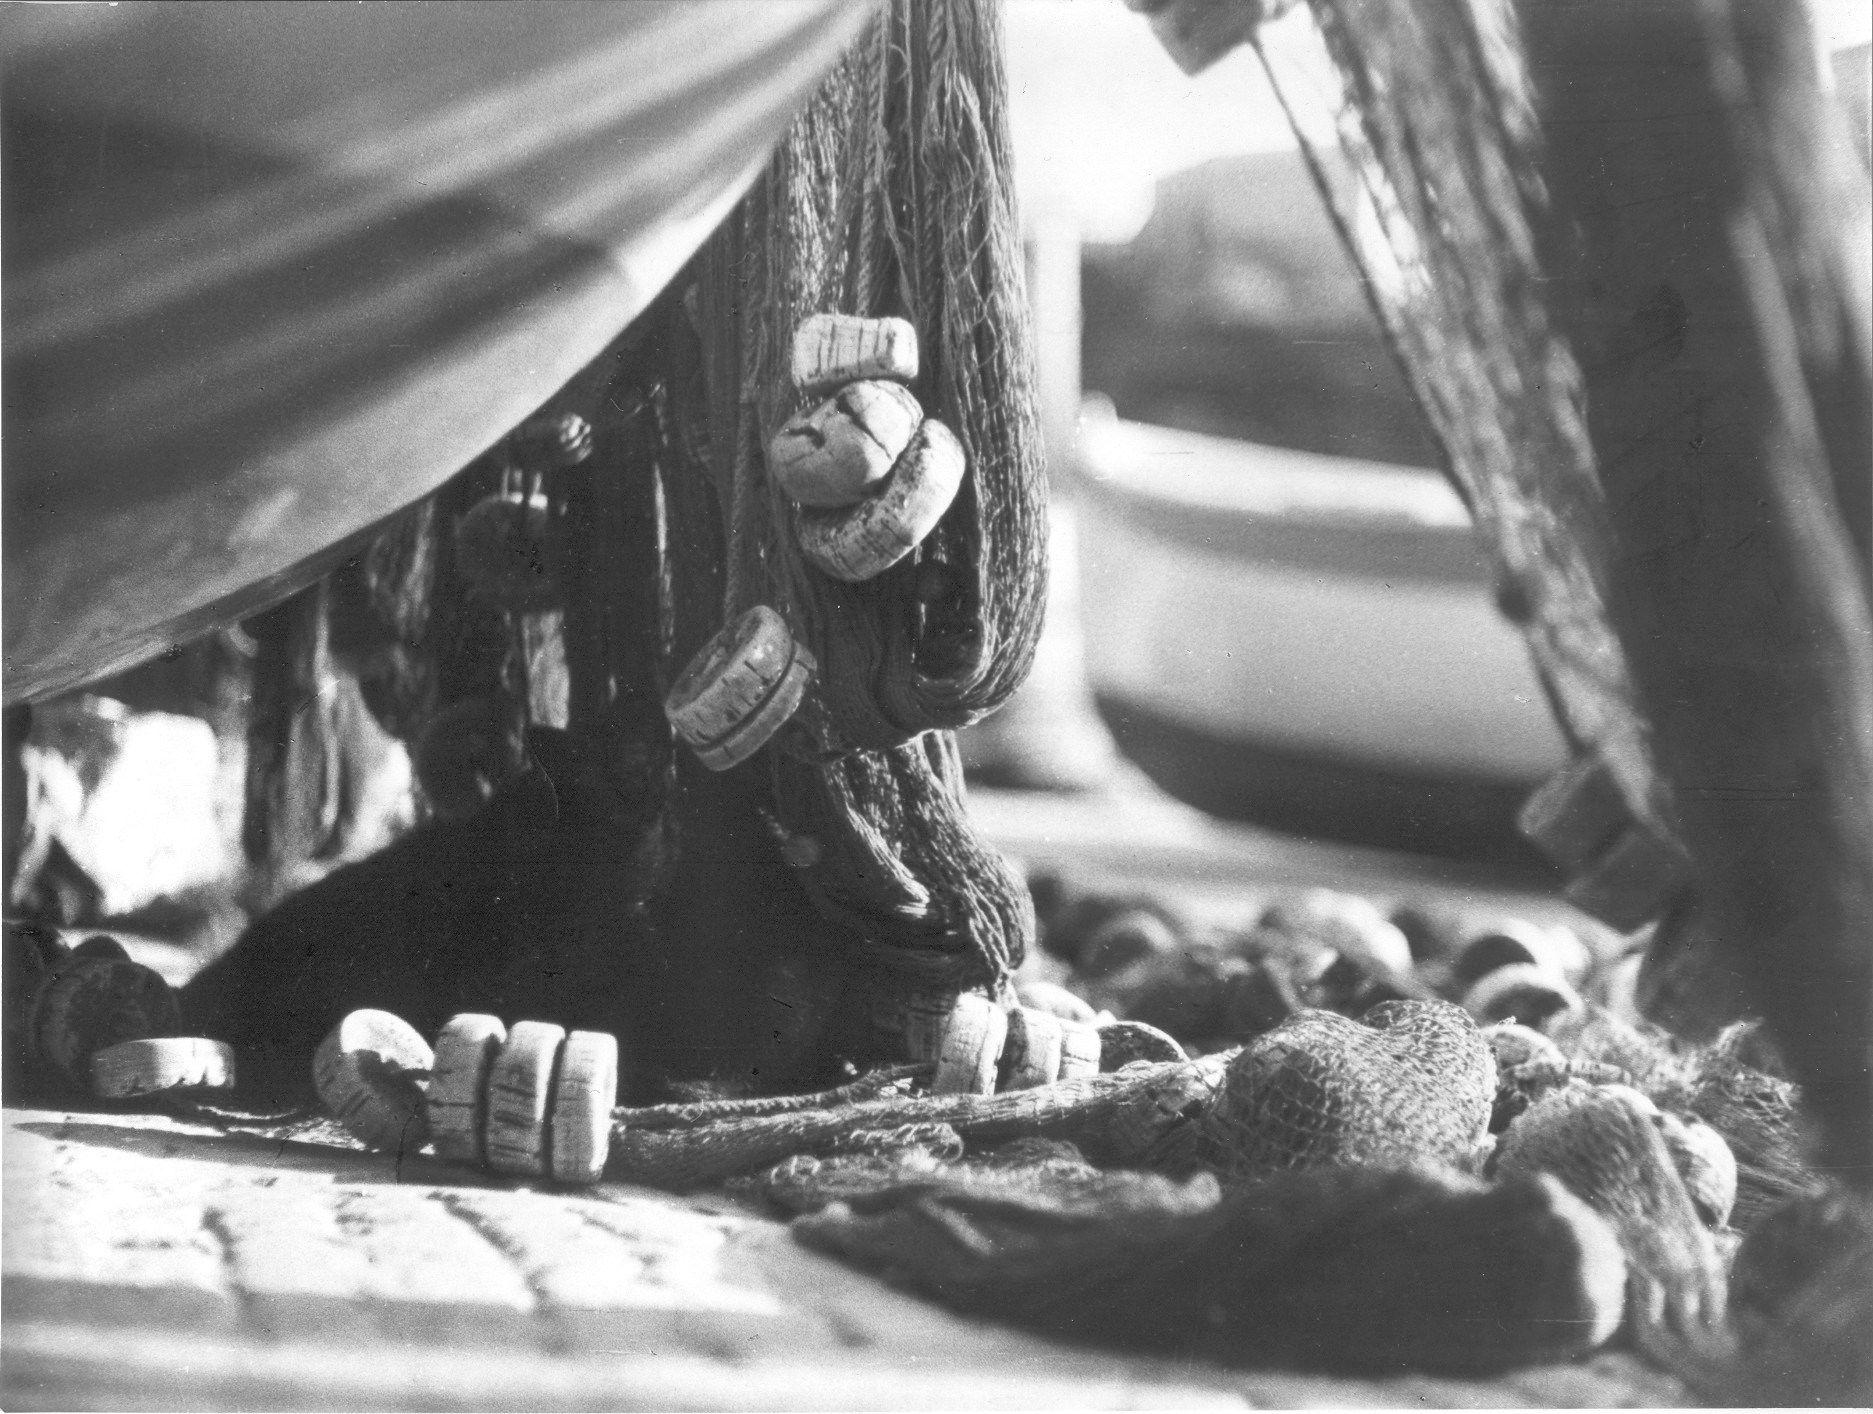 Reti di pescatori a Portofino / Fishing nets in Portofino (Photo: Publifoto, anni '50-'60) #portofino #rivieraligure #liguria